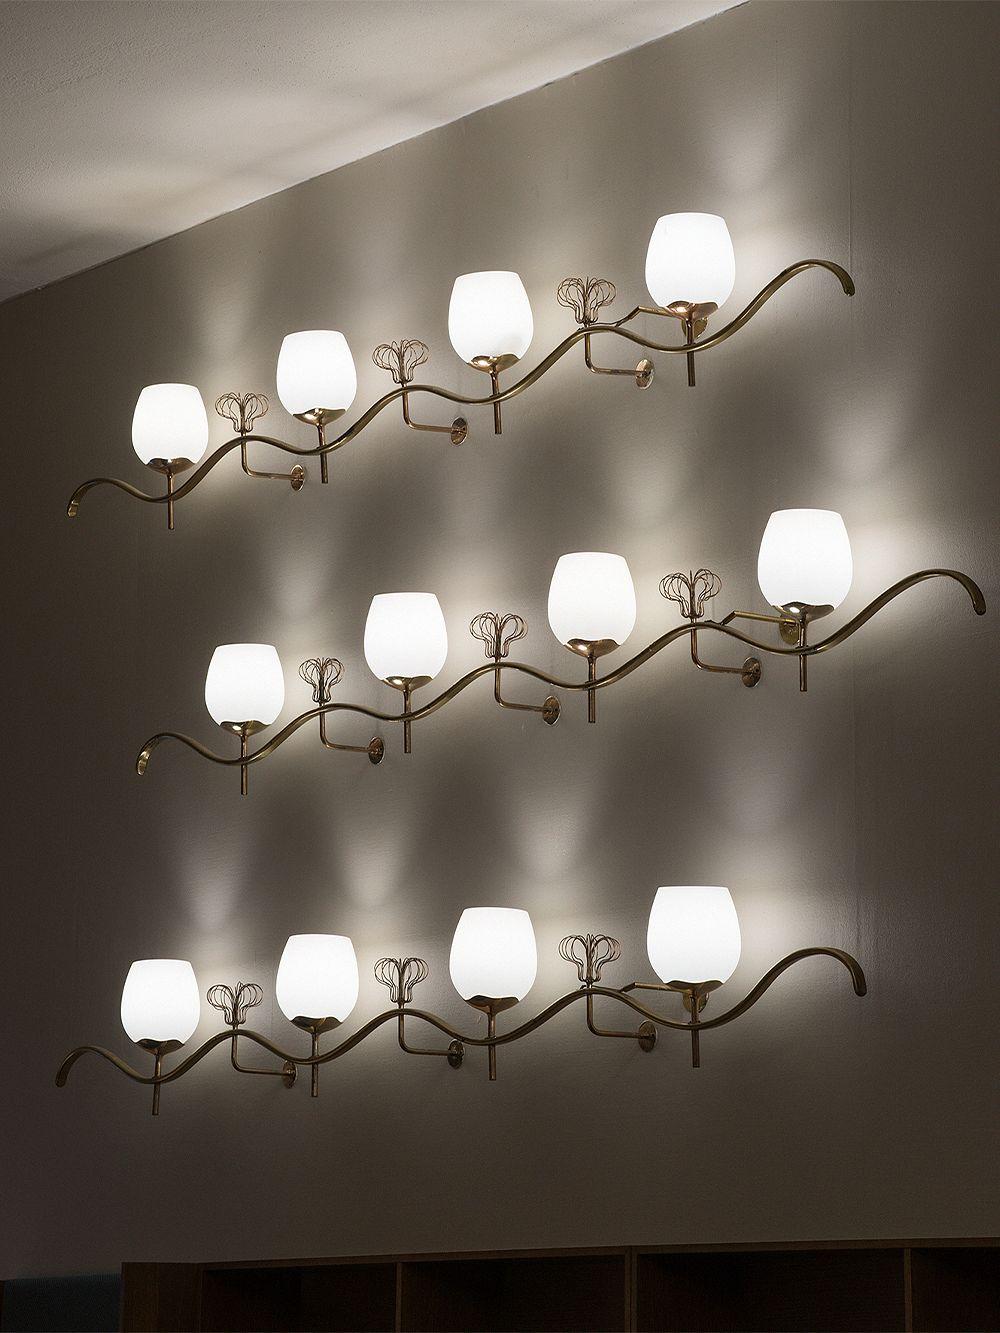 Paavo Tynell wall lamps at Hotel Vaakuna